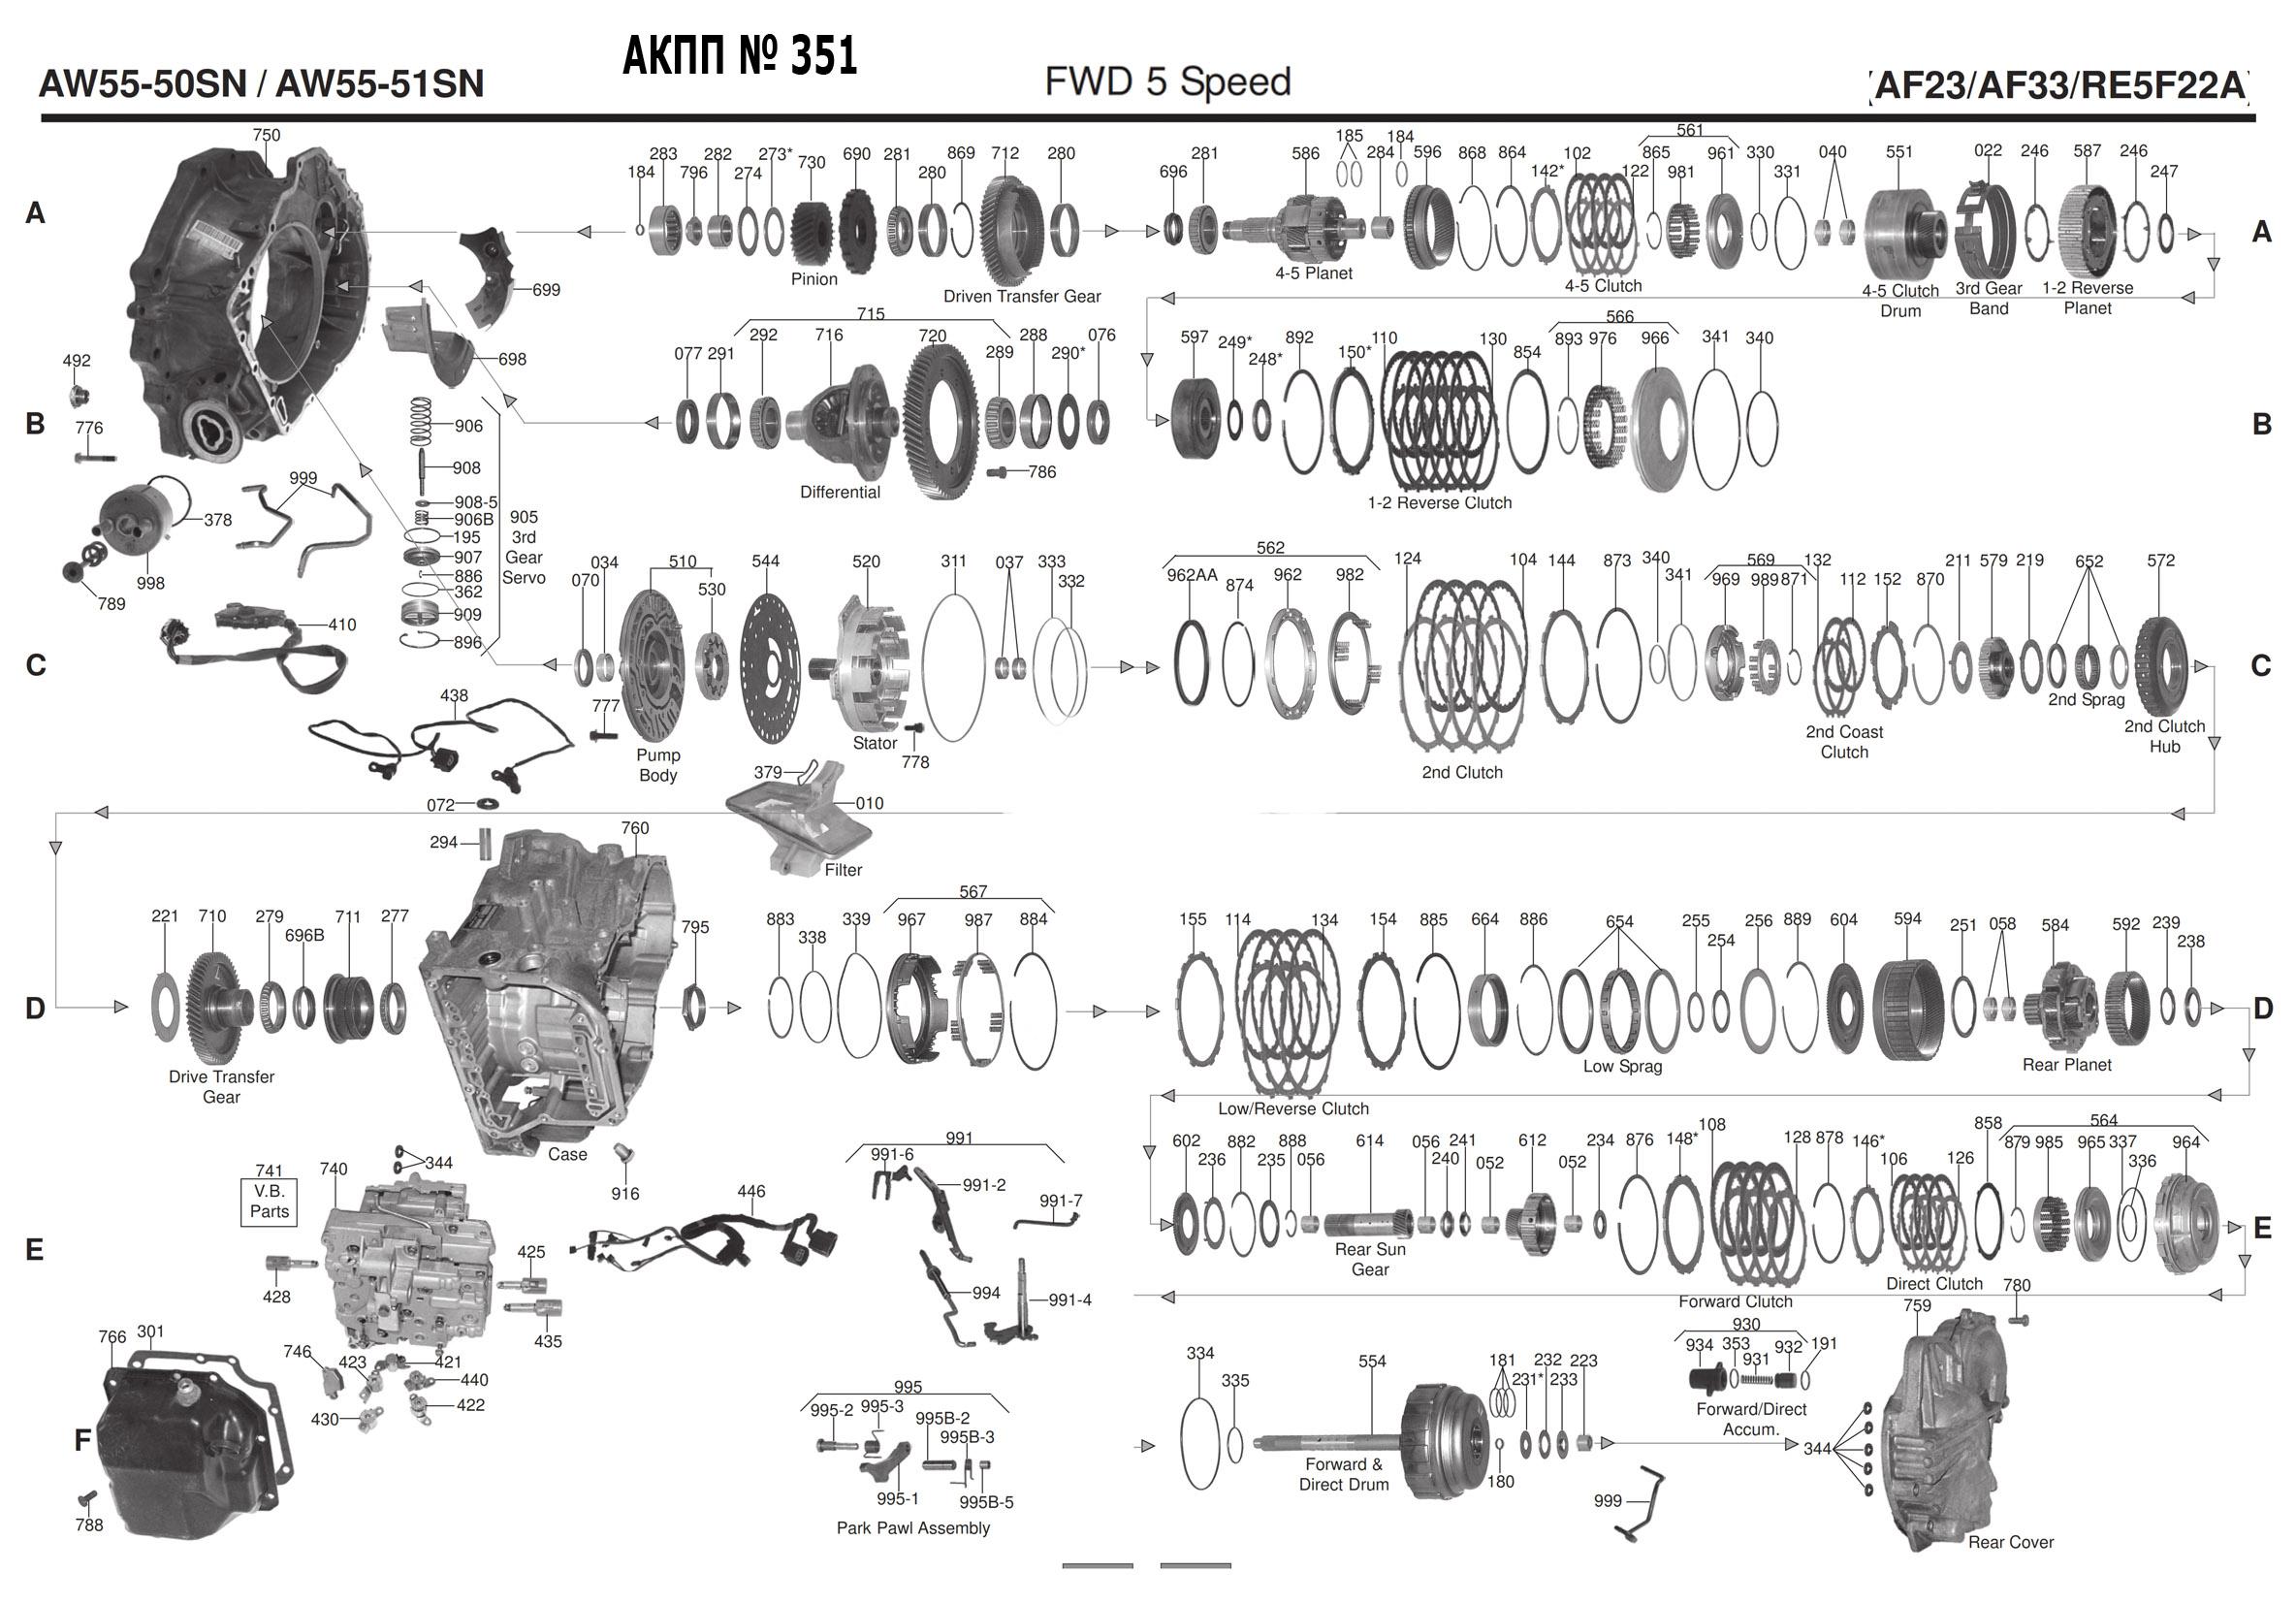 AW55-50 scheme